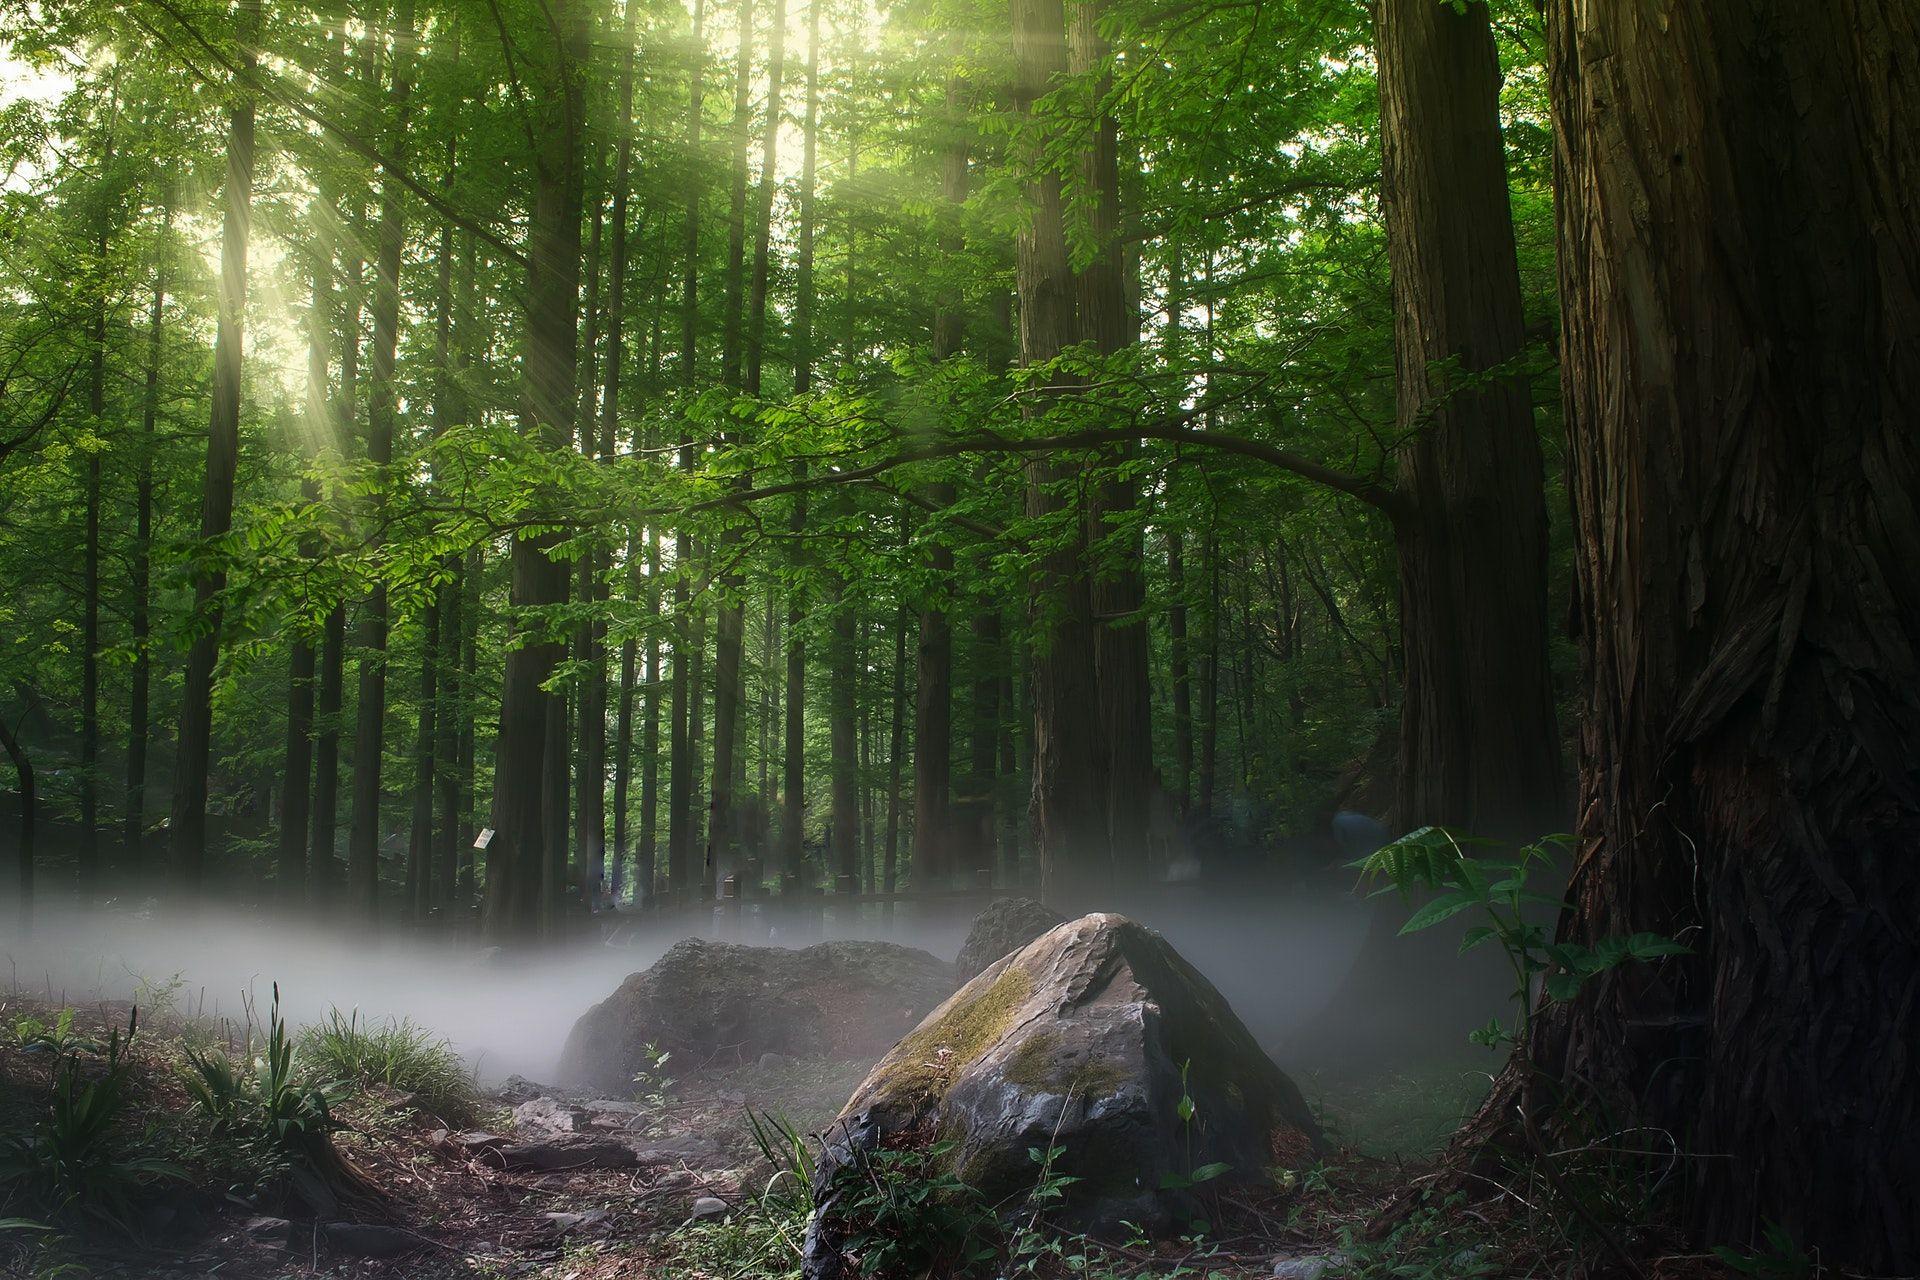 عکس زمینه درختان در مه جنگل پس زمینه